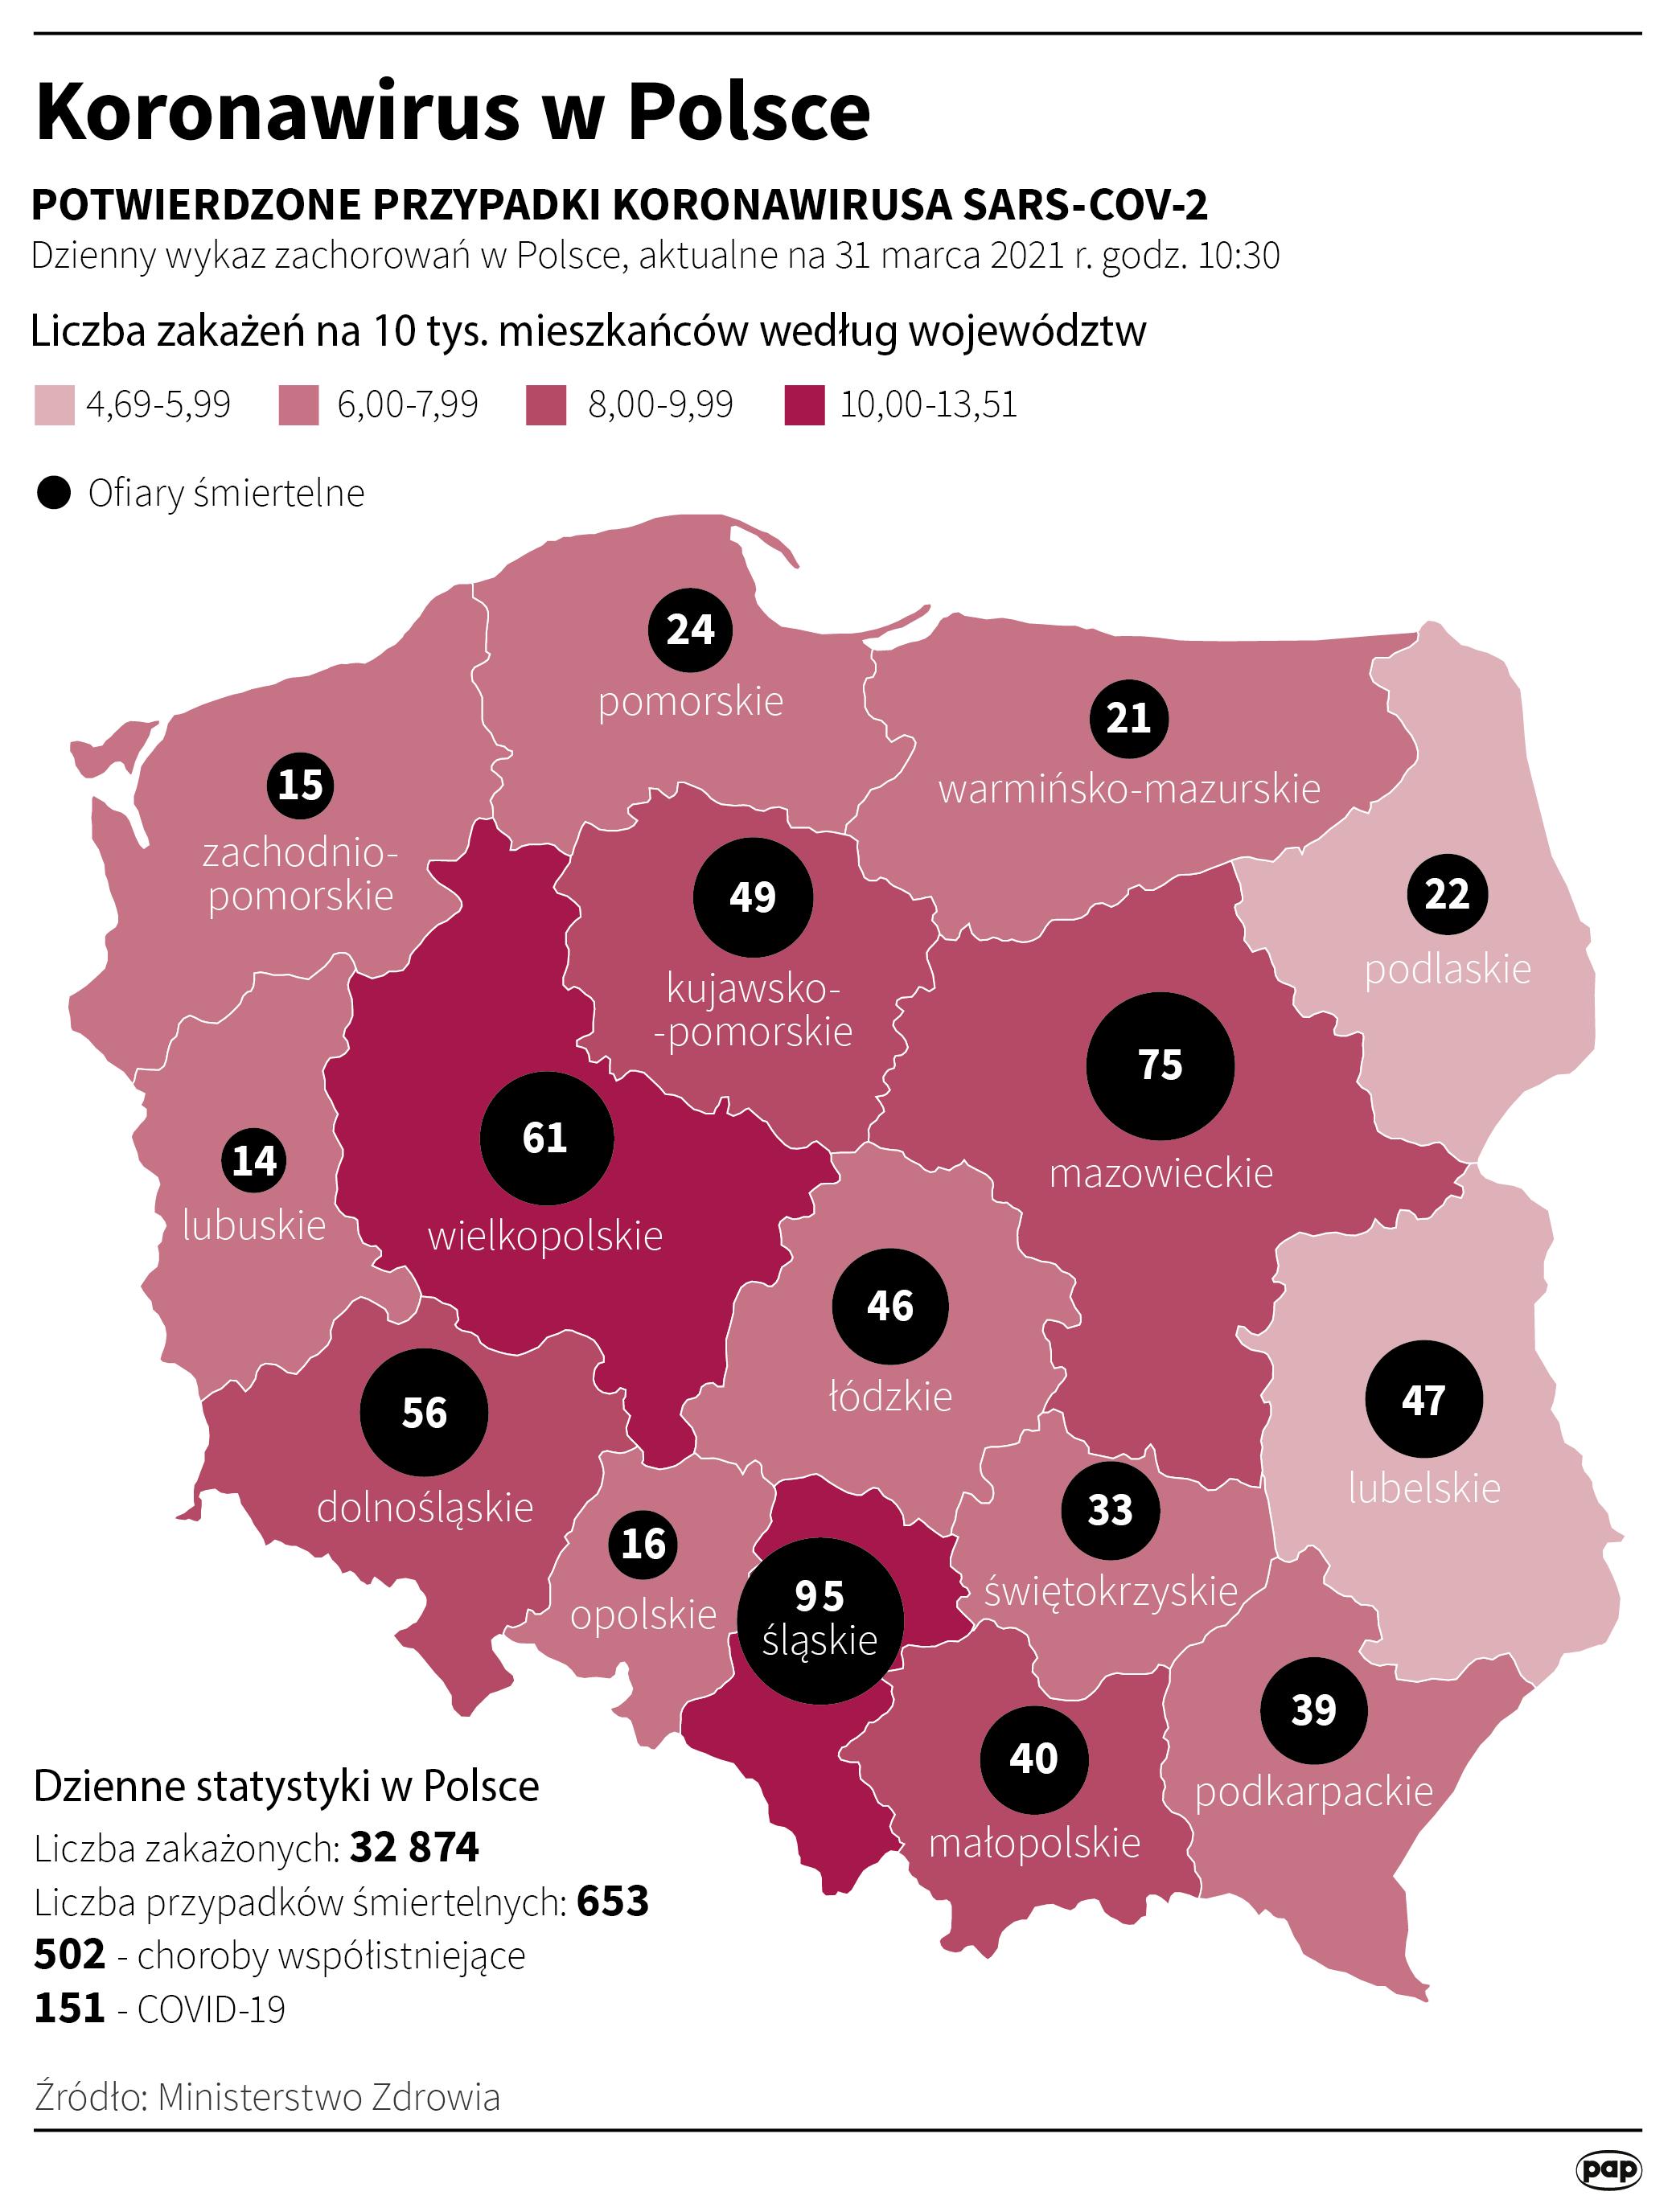 Koronawirus w Polsce - stan na 31 marca [Autor: Maciej Zieliński, źródło: PAP]